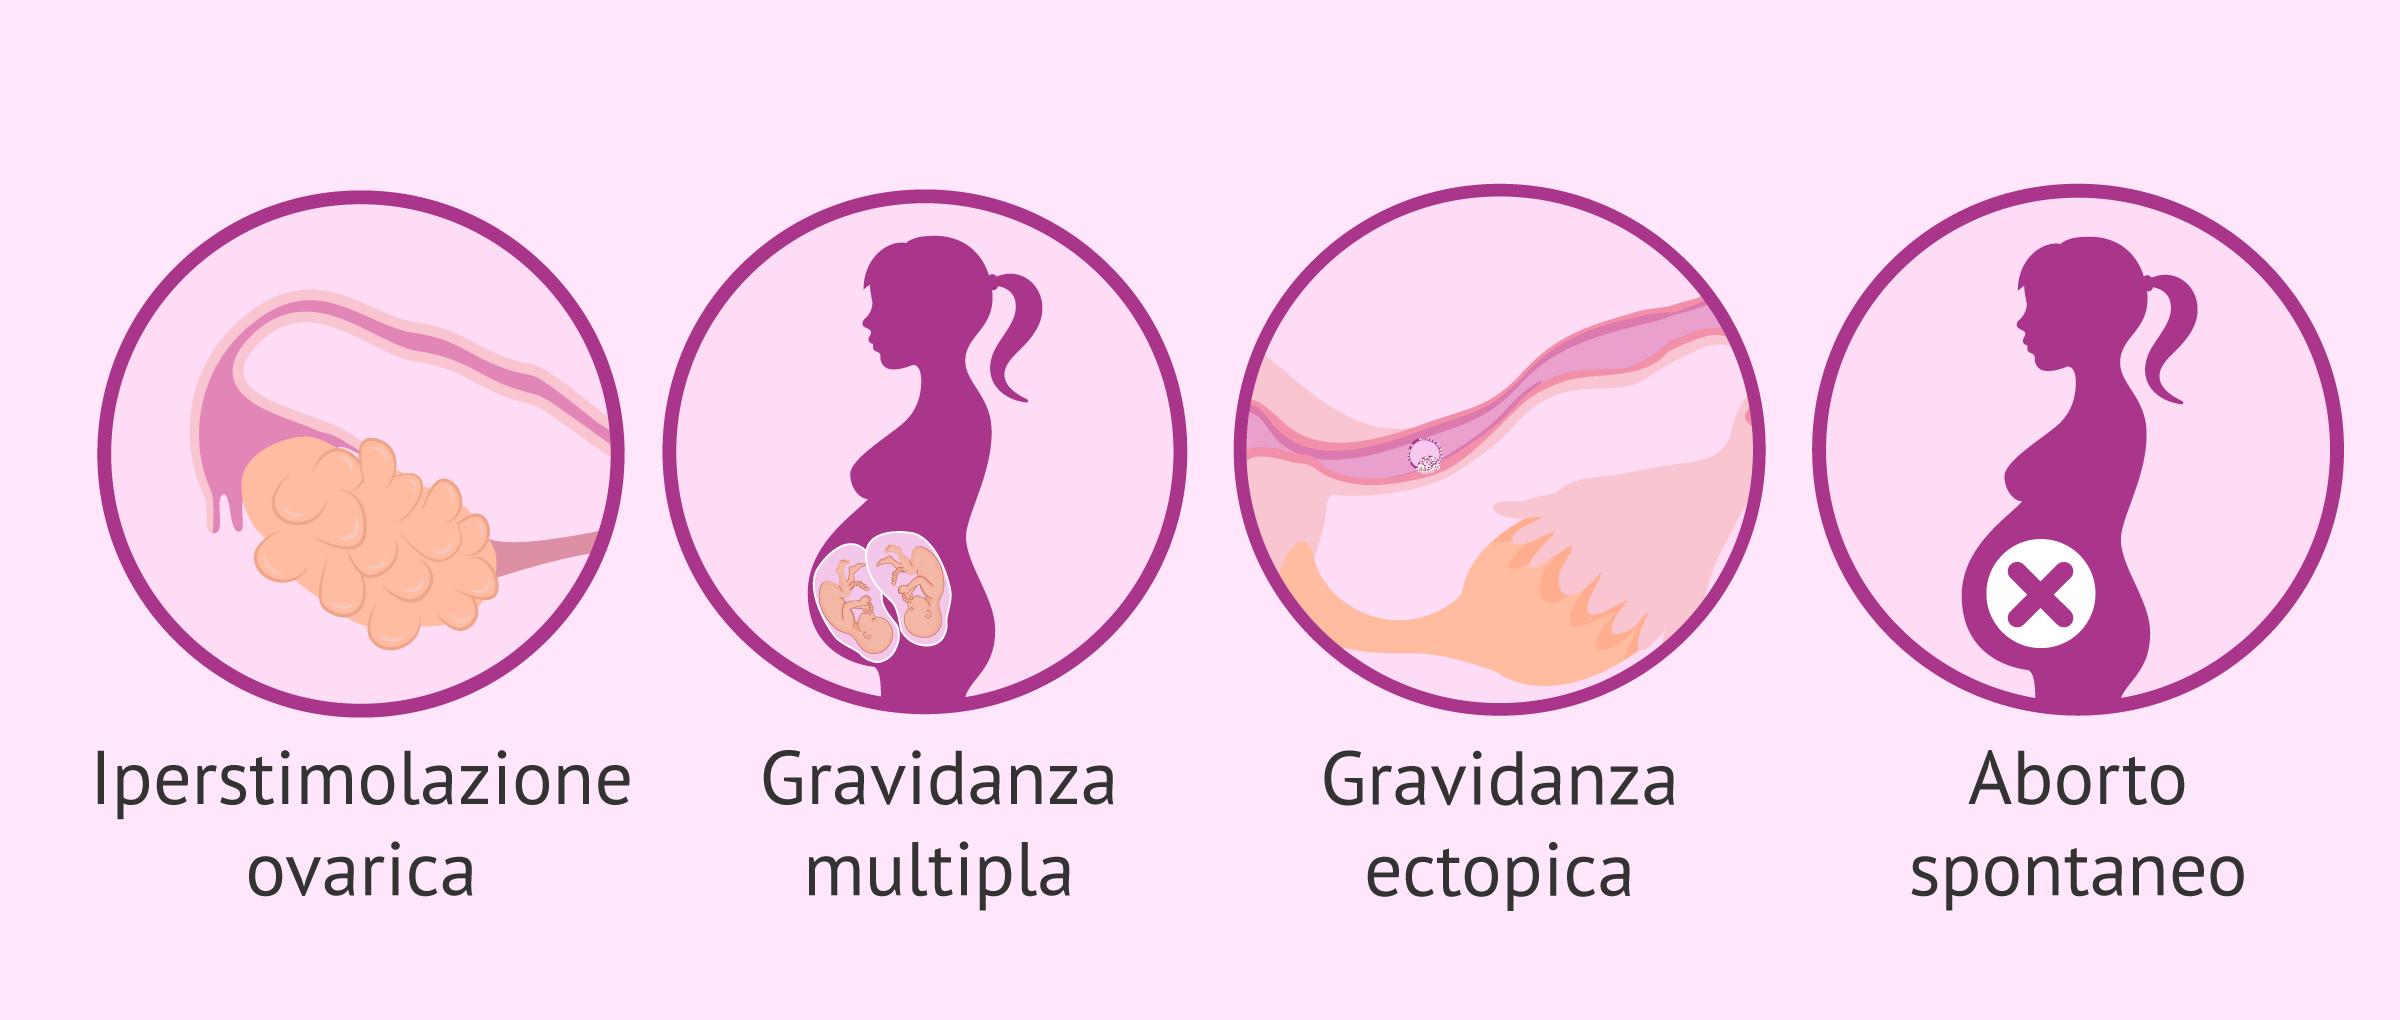 Rischi dell'inseminazione artificiale